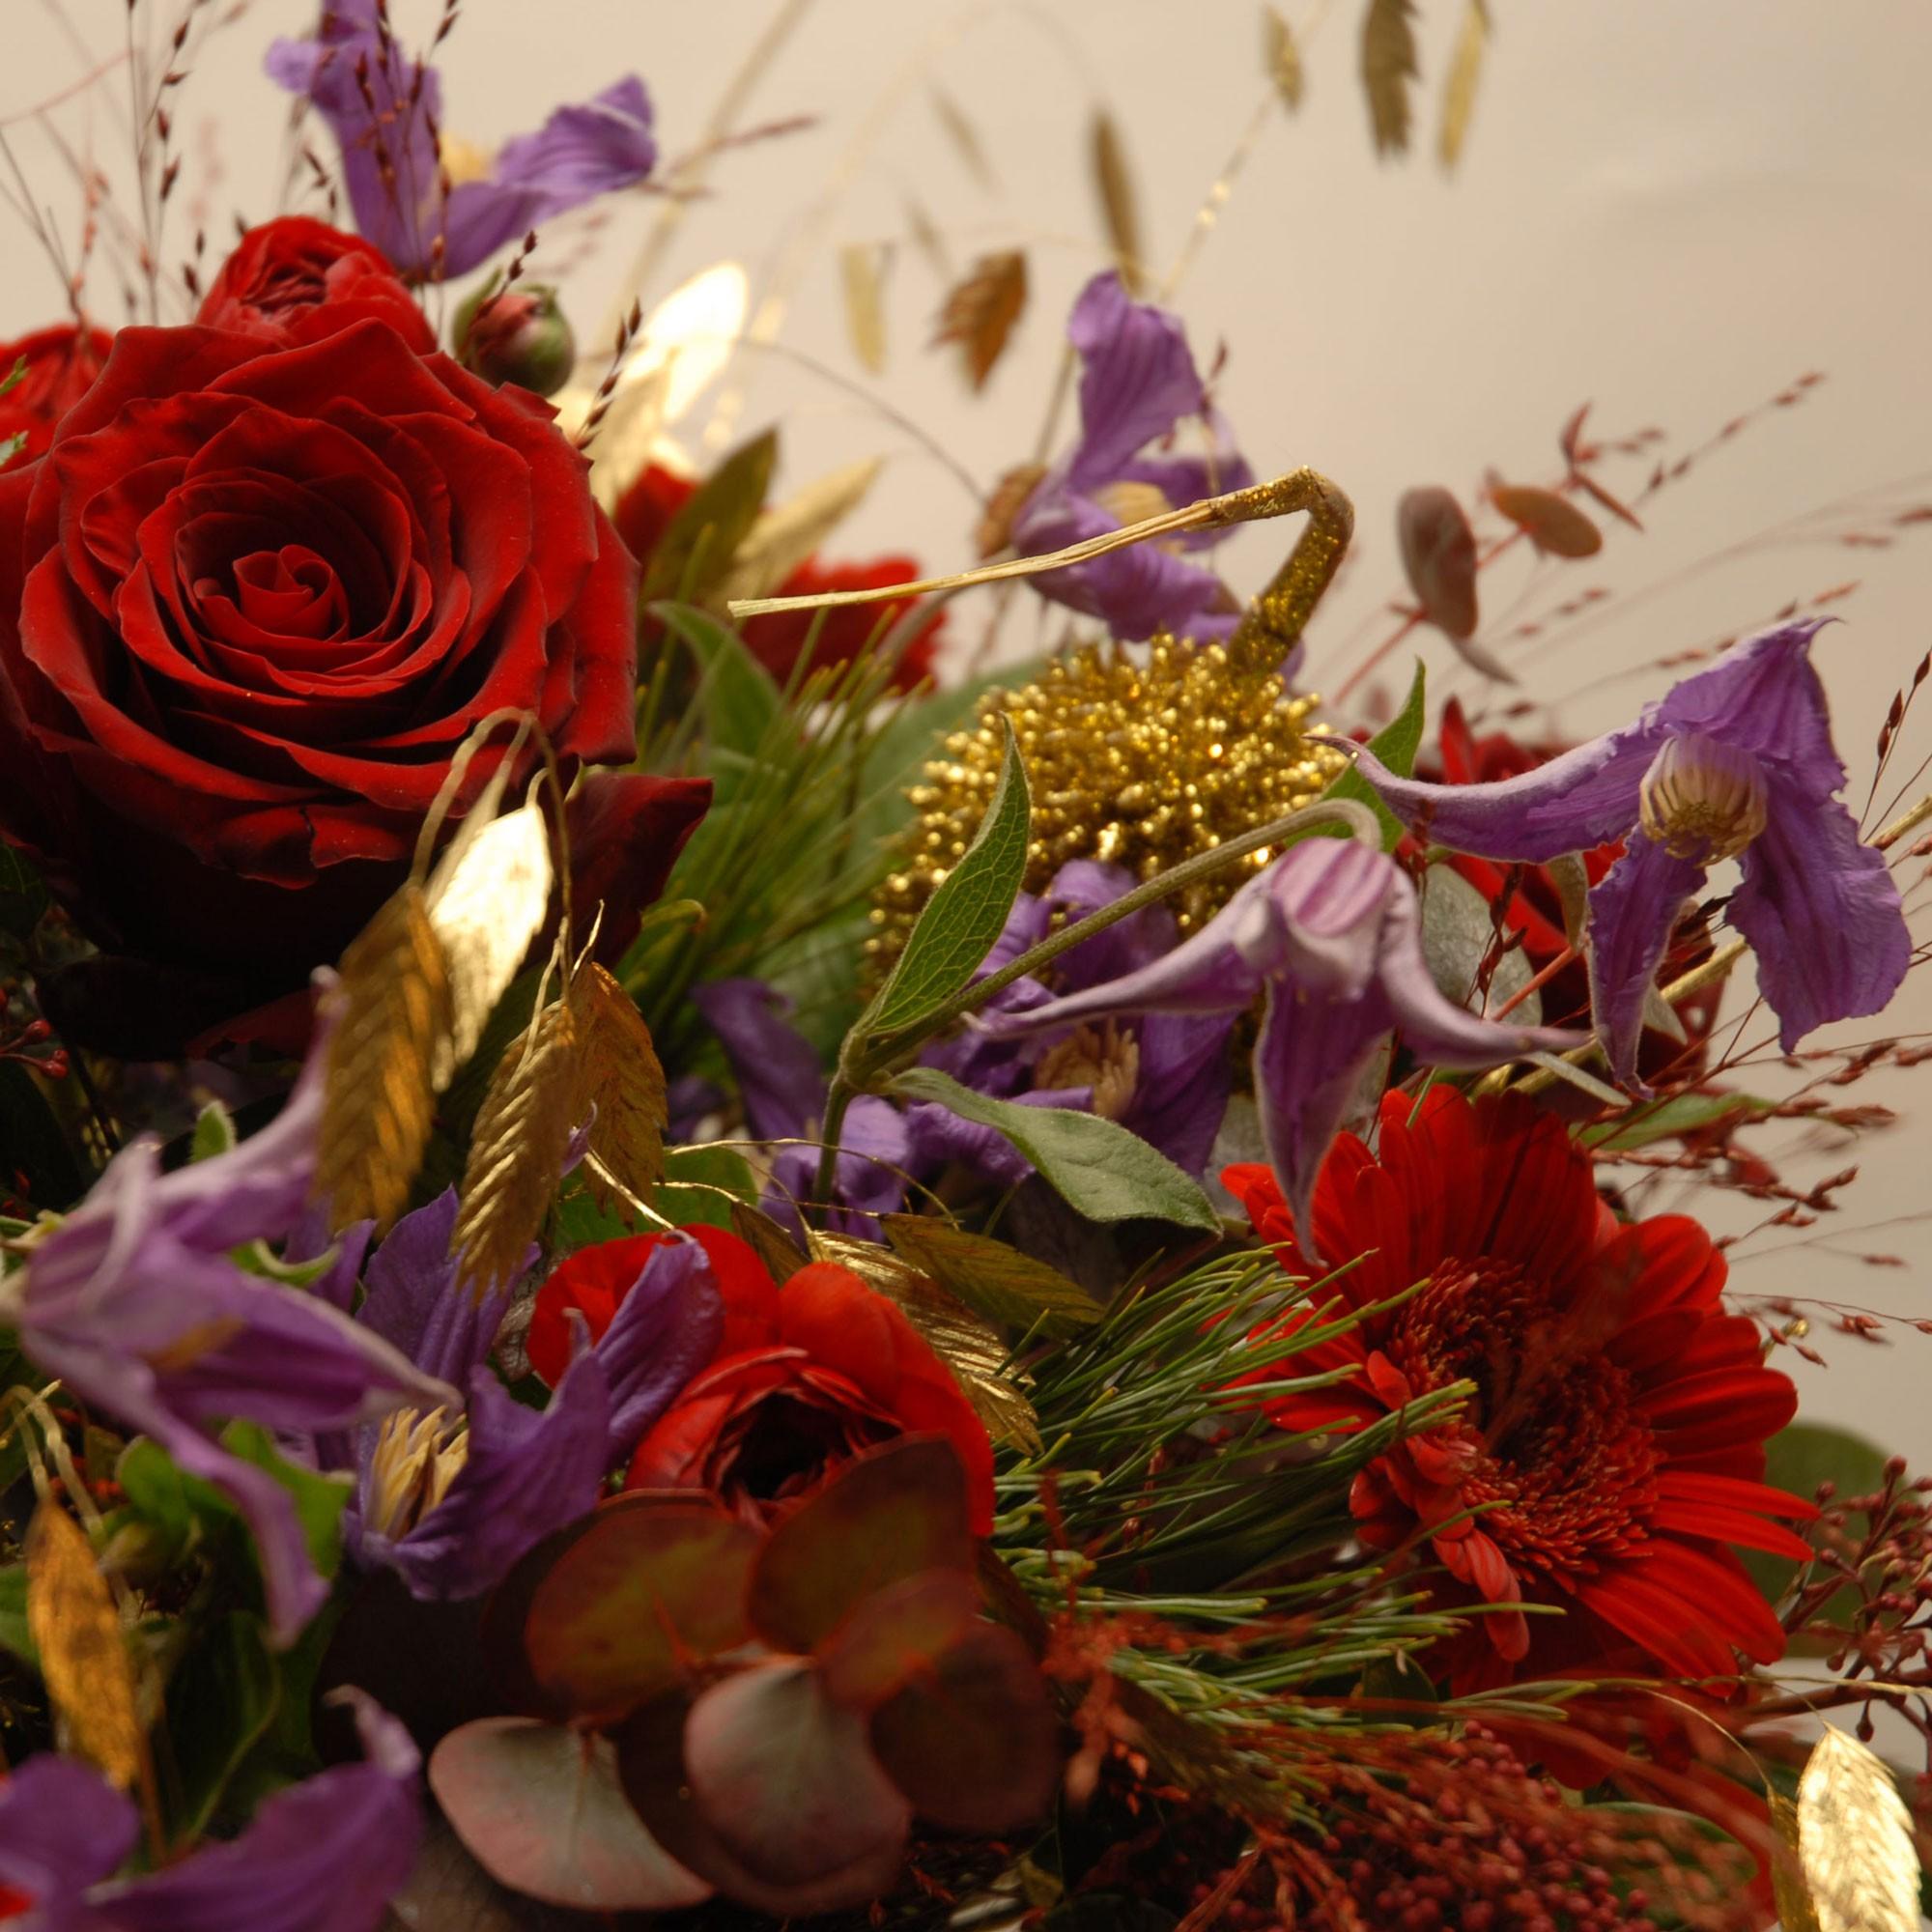 Bouquets de fleurs | Fleurs de saison ou exotiques